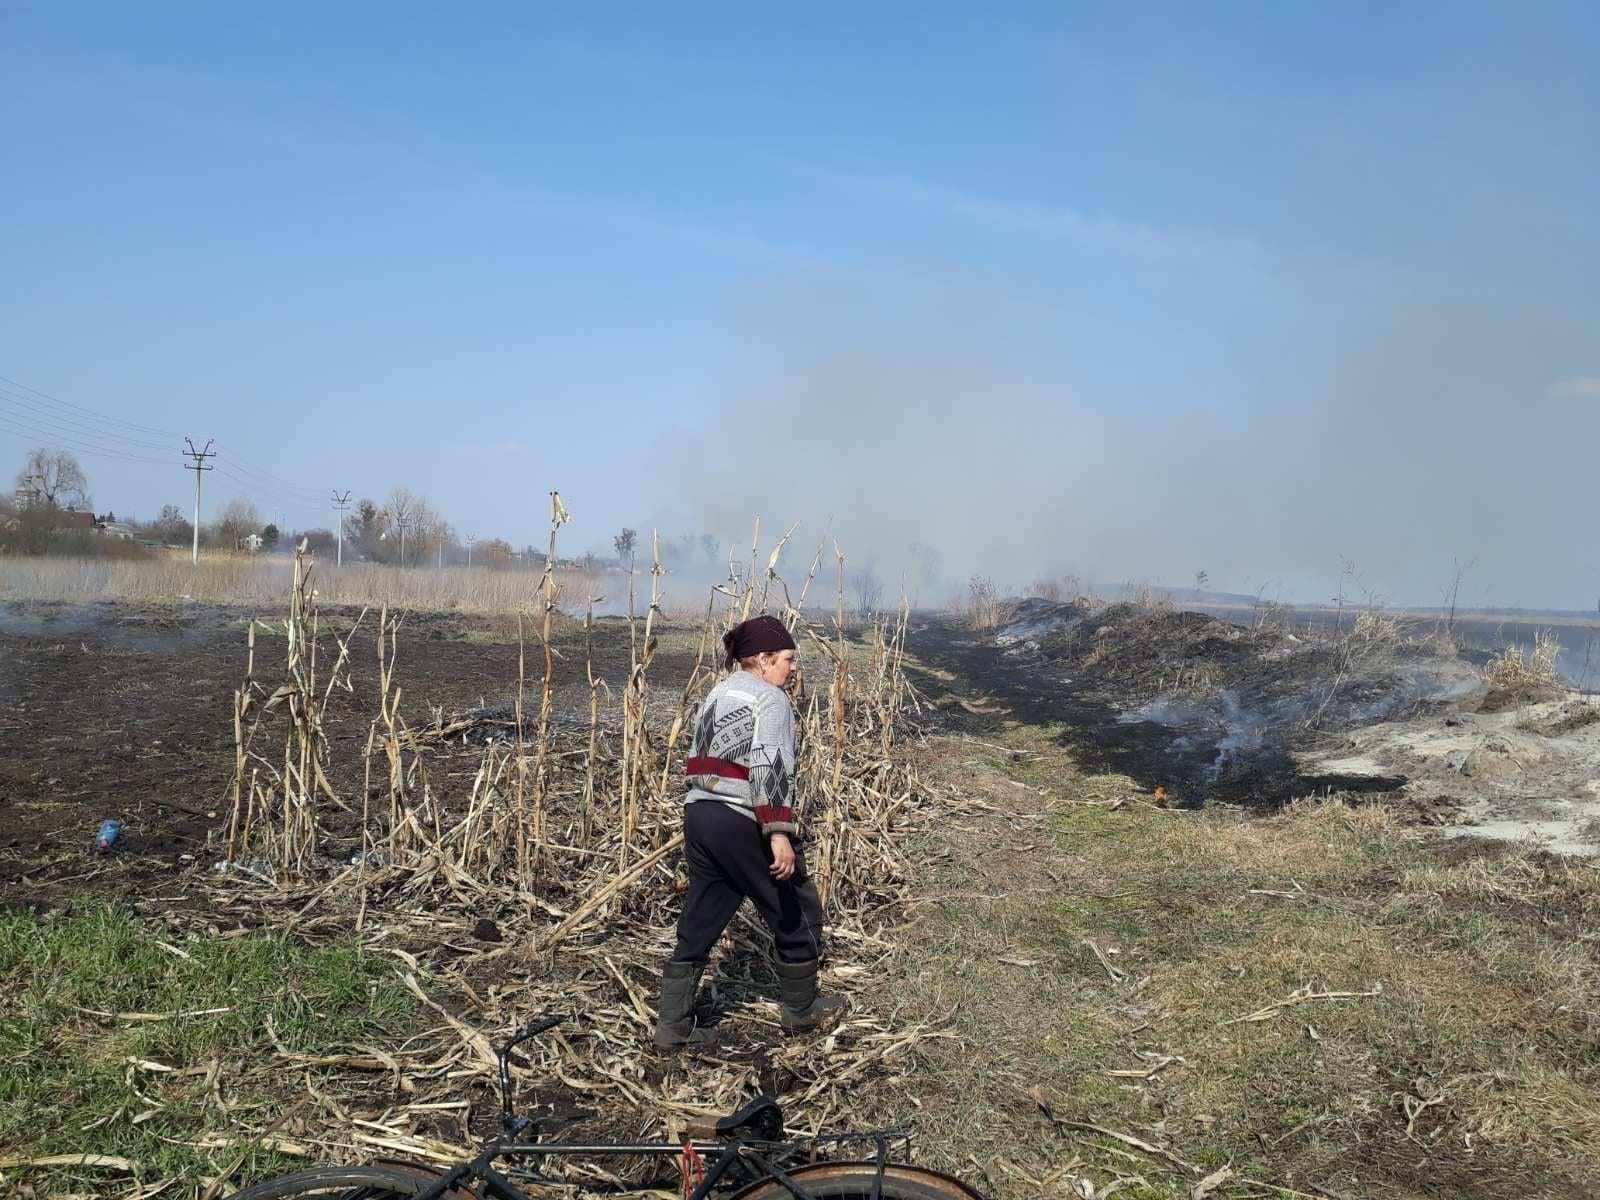 ДСНС Україини: «Жінка поблизу селища Гостомель, Ірпінського регіону, навмисно підпалює сухостій на відкритій території»